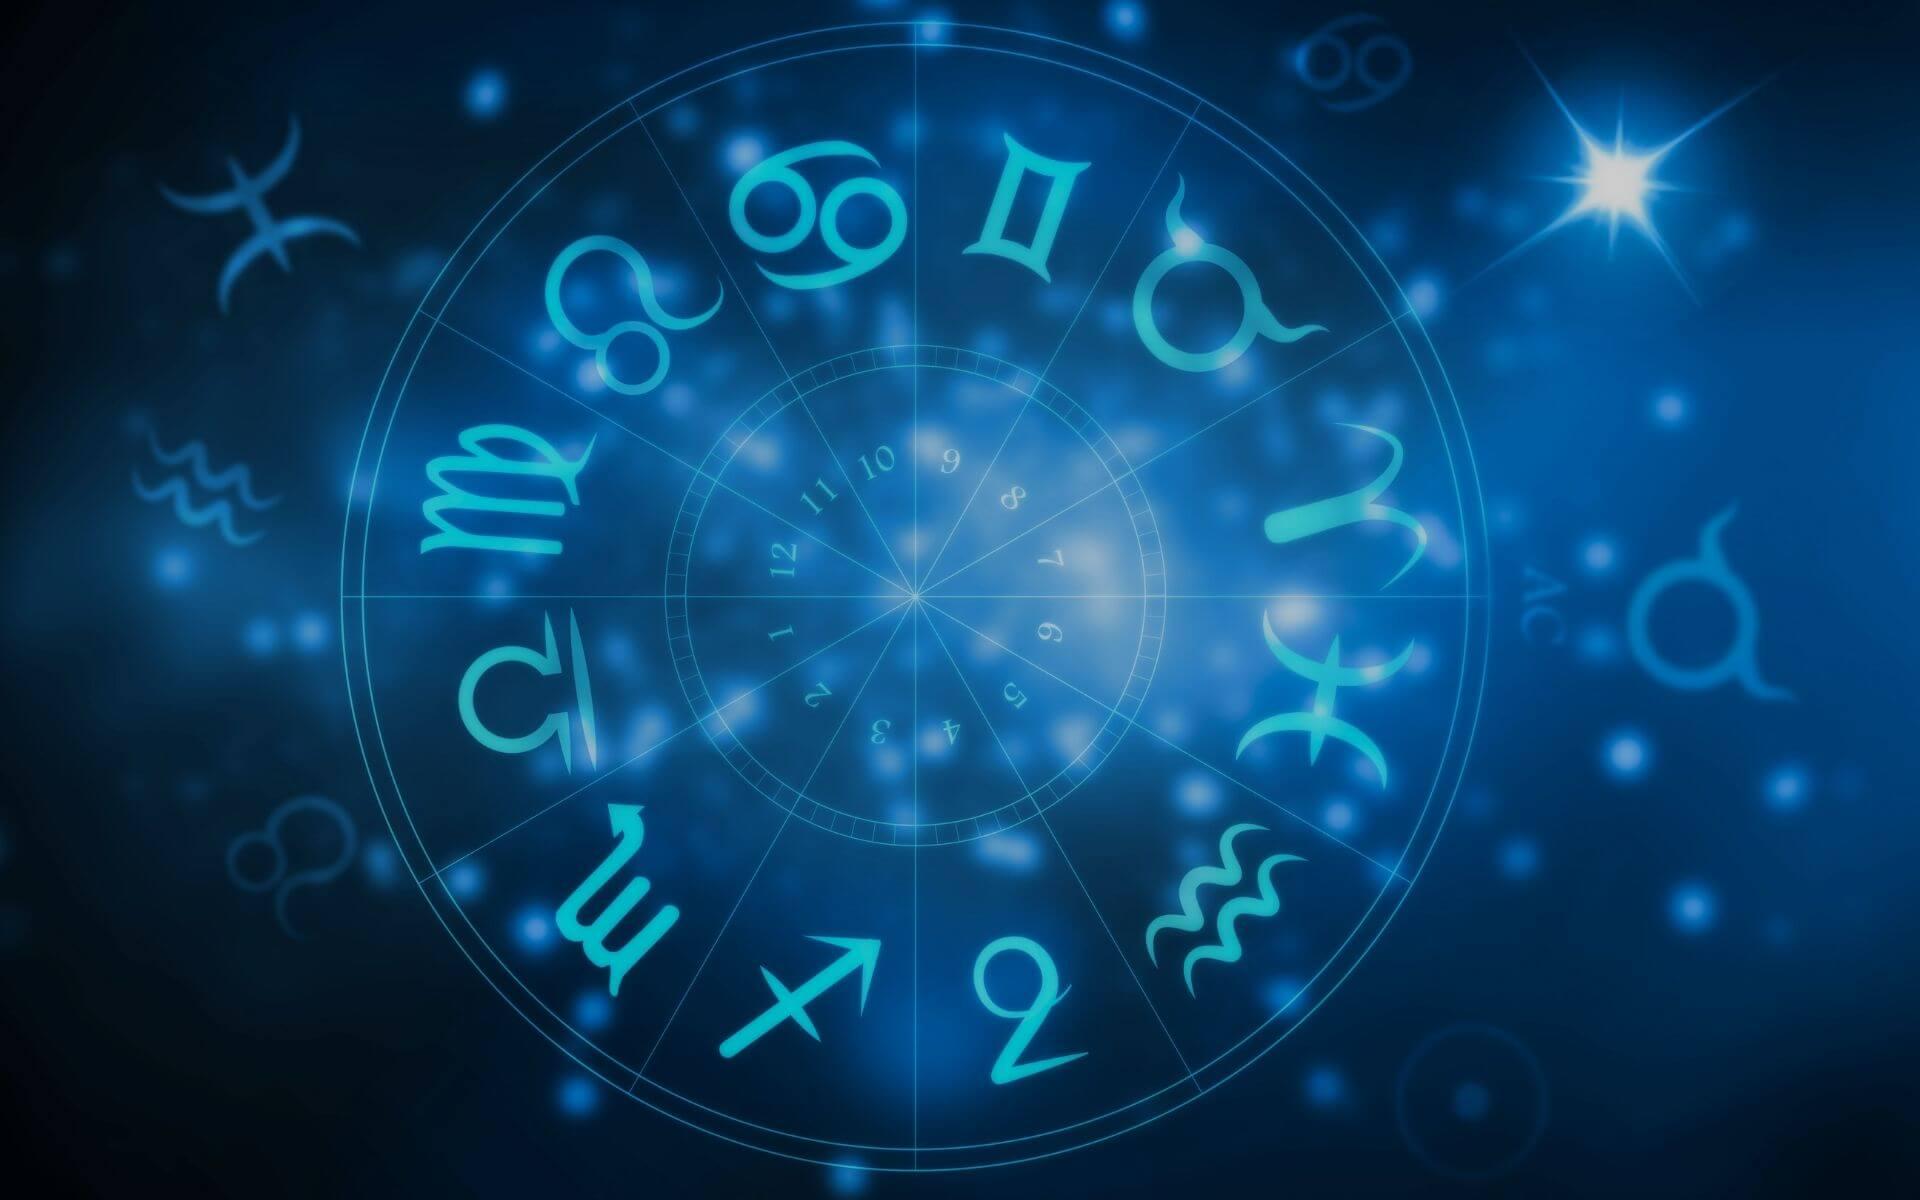 Liebeshoroskop 2020: Welche Sternzeichen passen am besten zusammen?